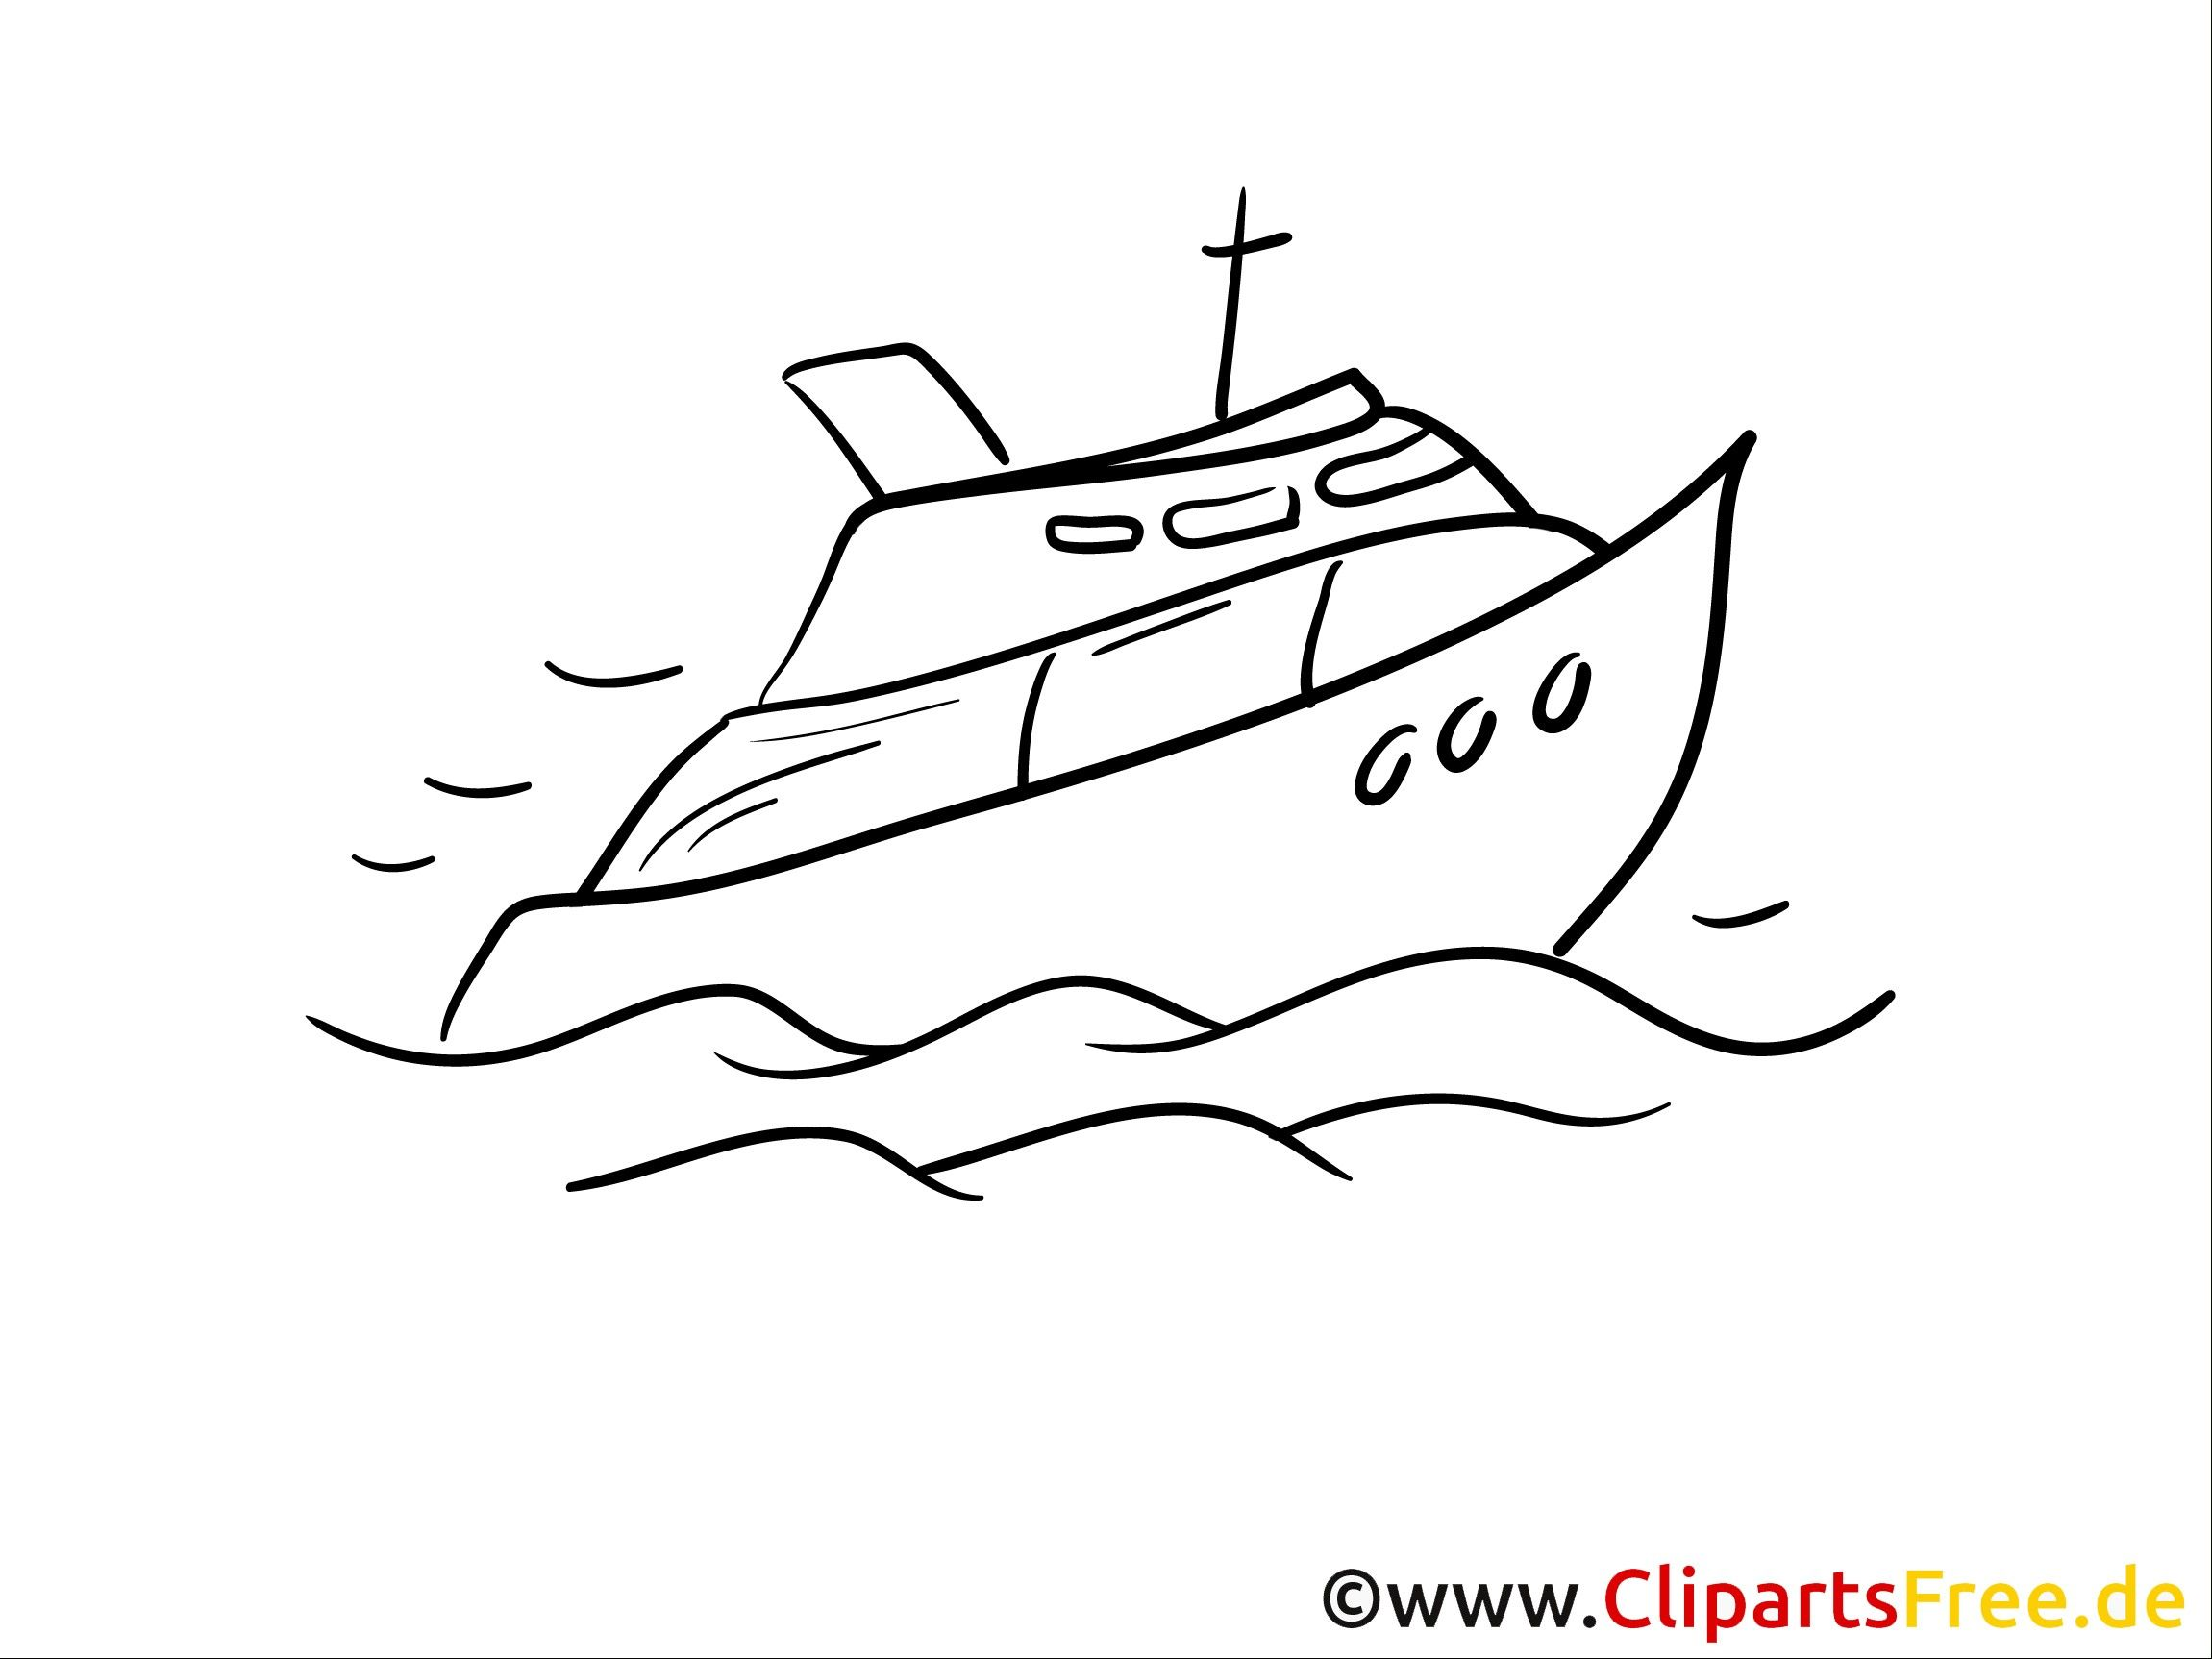 neu ausmalbilder schiff | ausmalbilder, ausmalen, malvorlagen